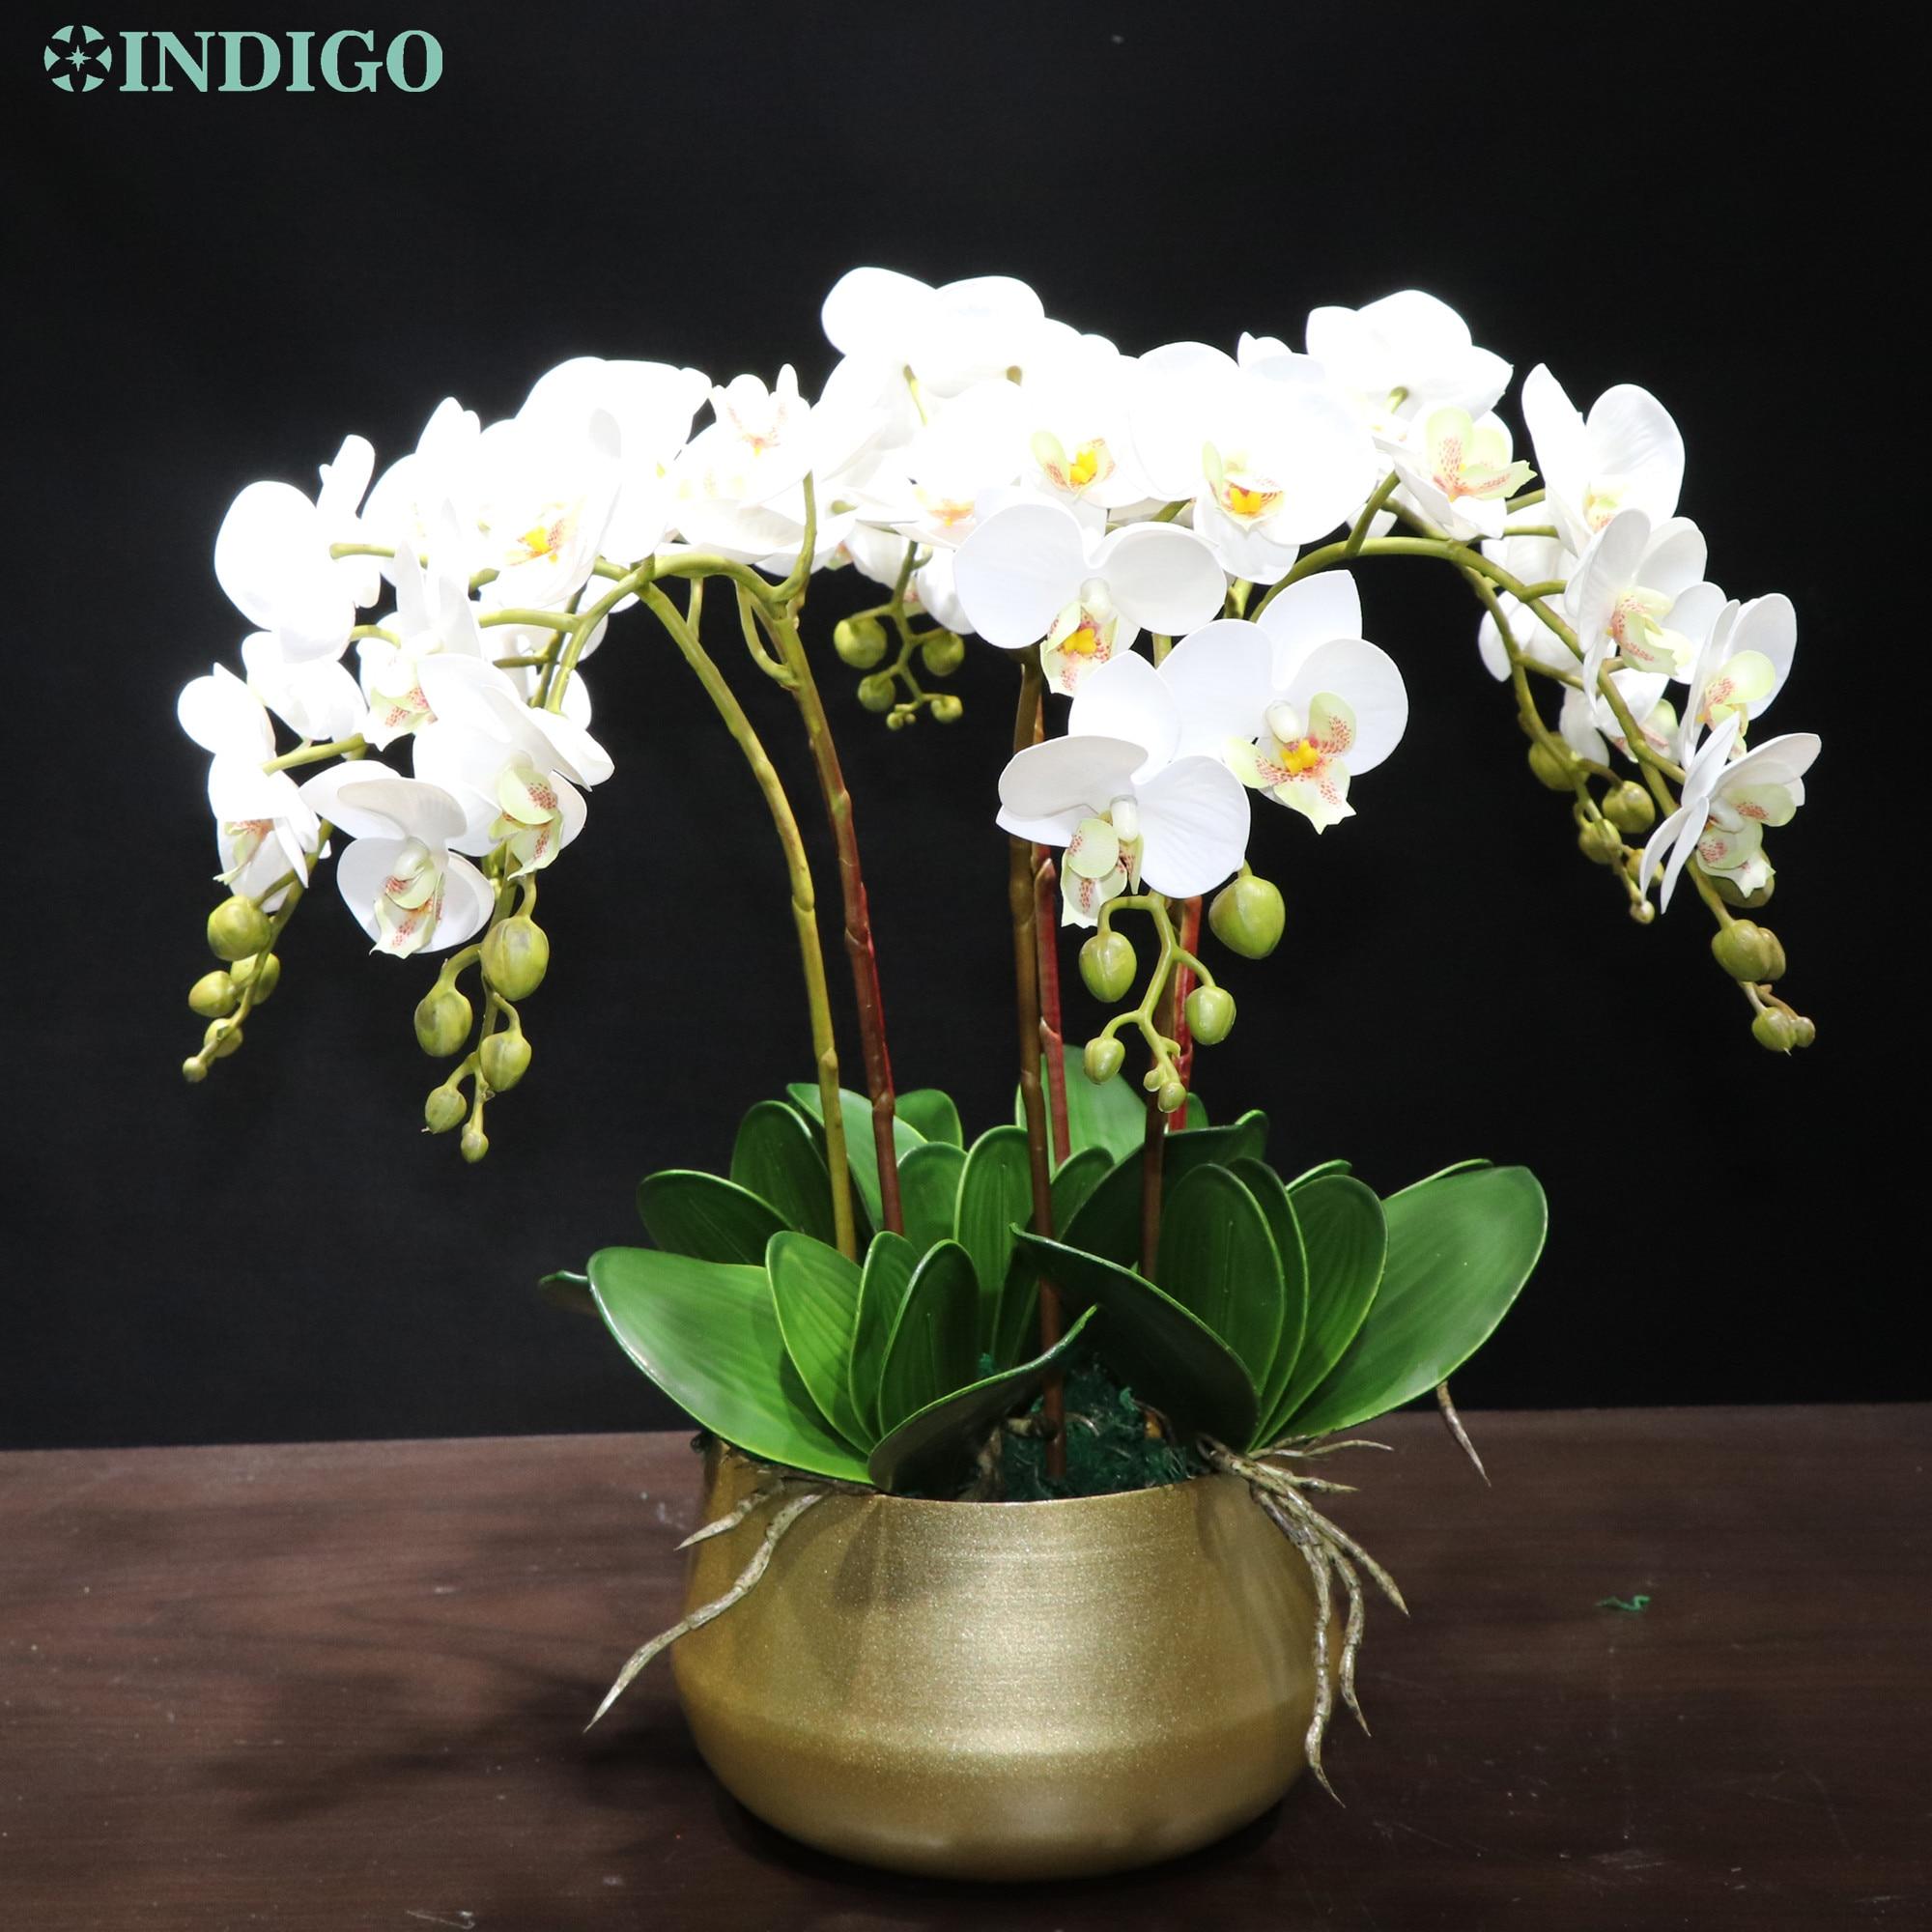 Орхидея Индиго-белая (7 шт., орхидея + 5 шт. листьев + горшок), «сделай сам», Цветочная композиция на ощупь, украшение для офиса, центральный элем...